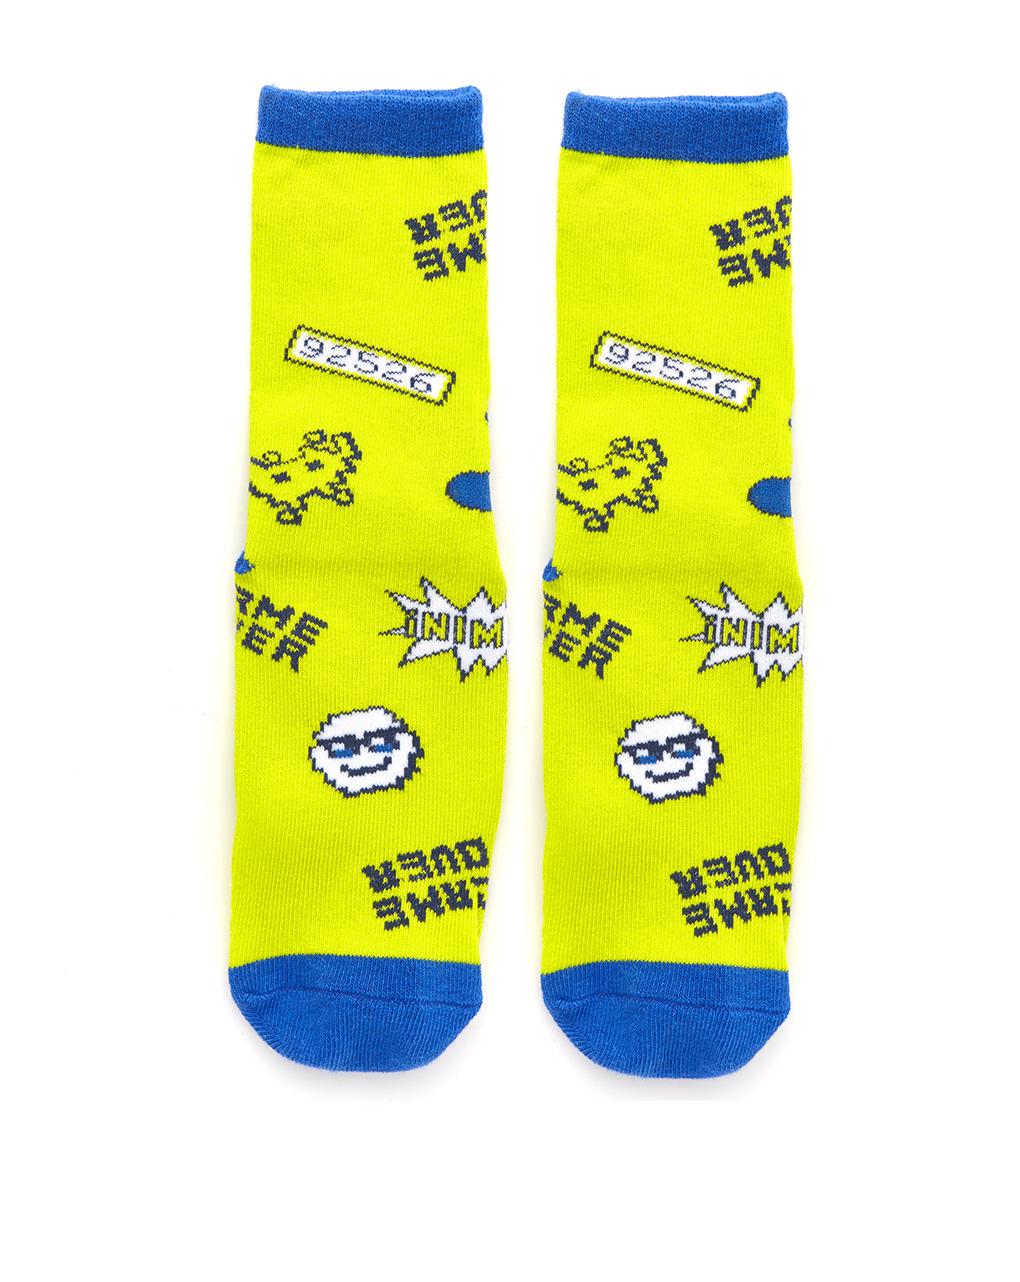 Κάλτσες Αντιολισθητικές Games για Αγόρι